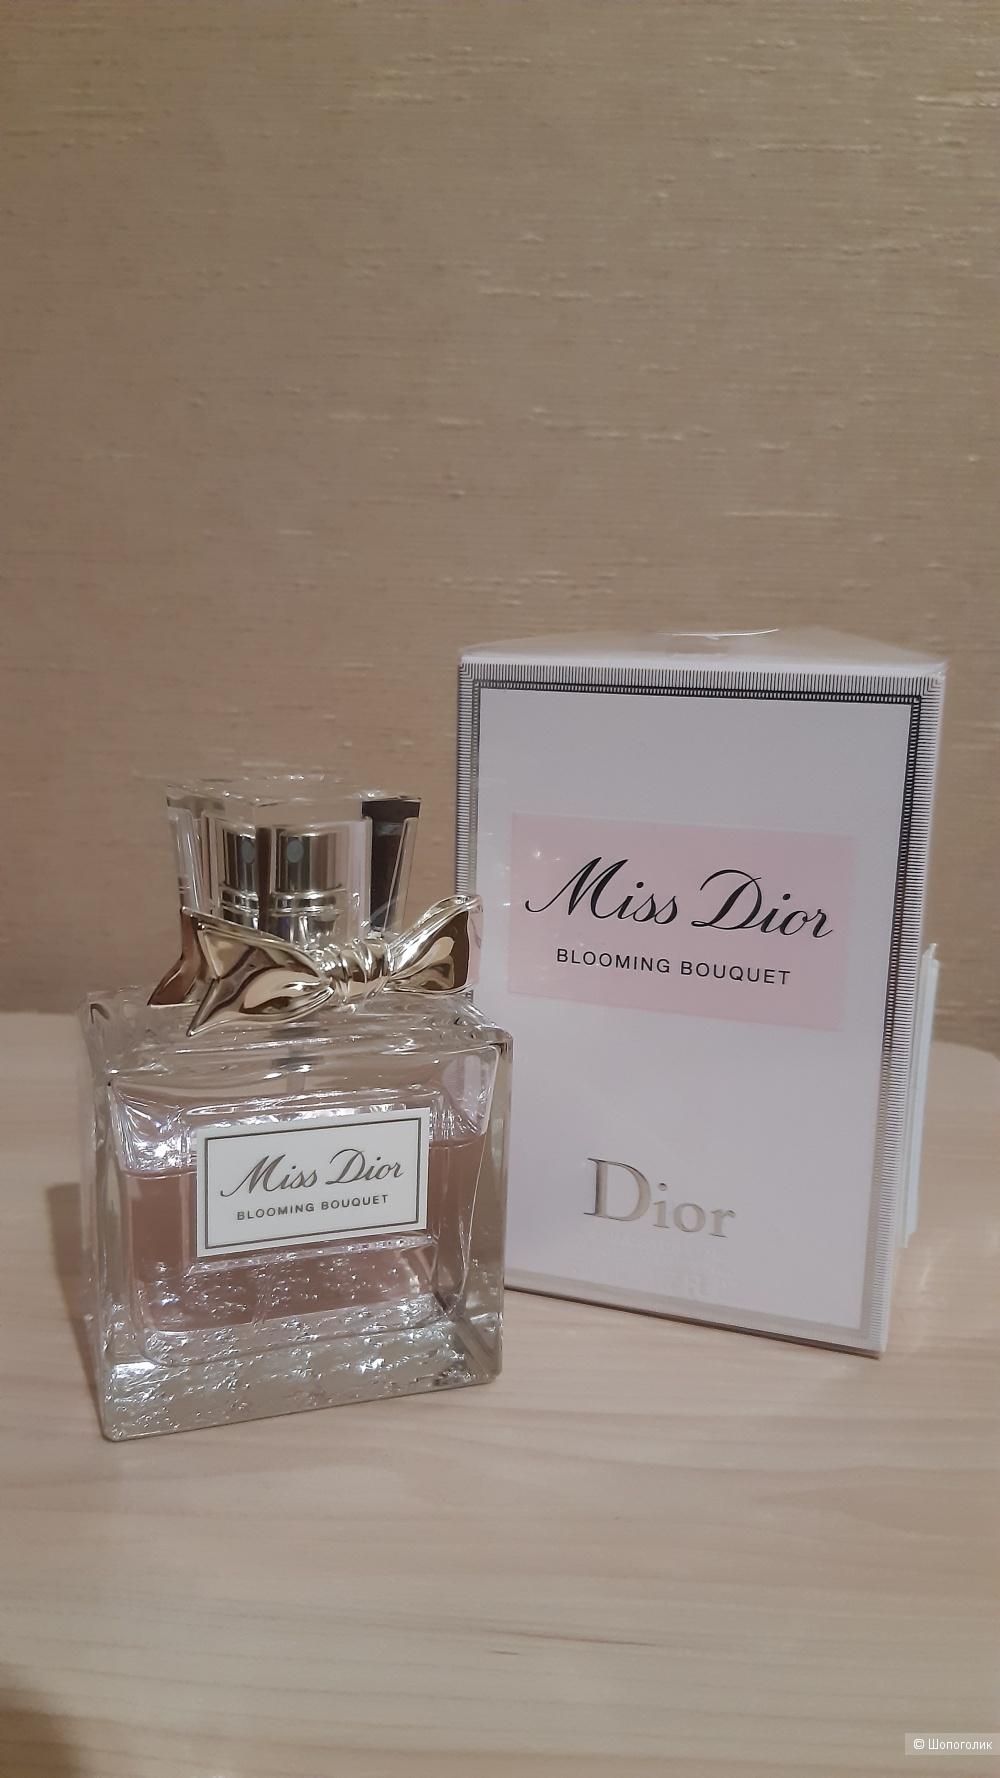 ТУАЛЕТНАЯ ВОДА DIOR Miss Dior Blooming Bouquet (2/3 от 50мл)